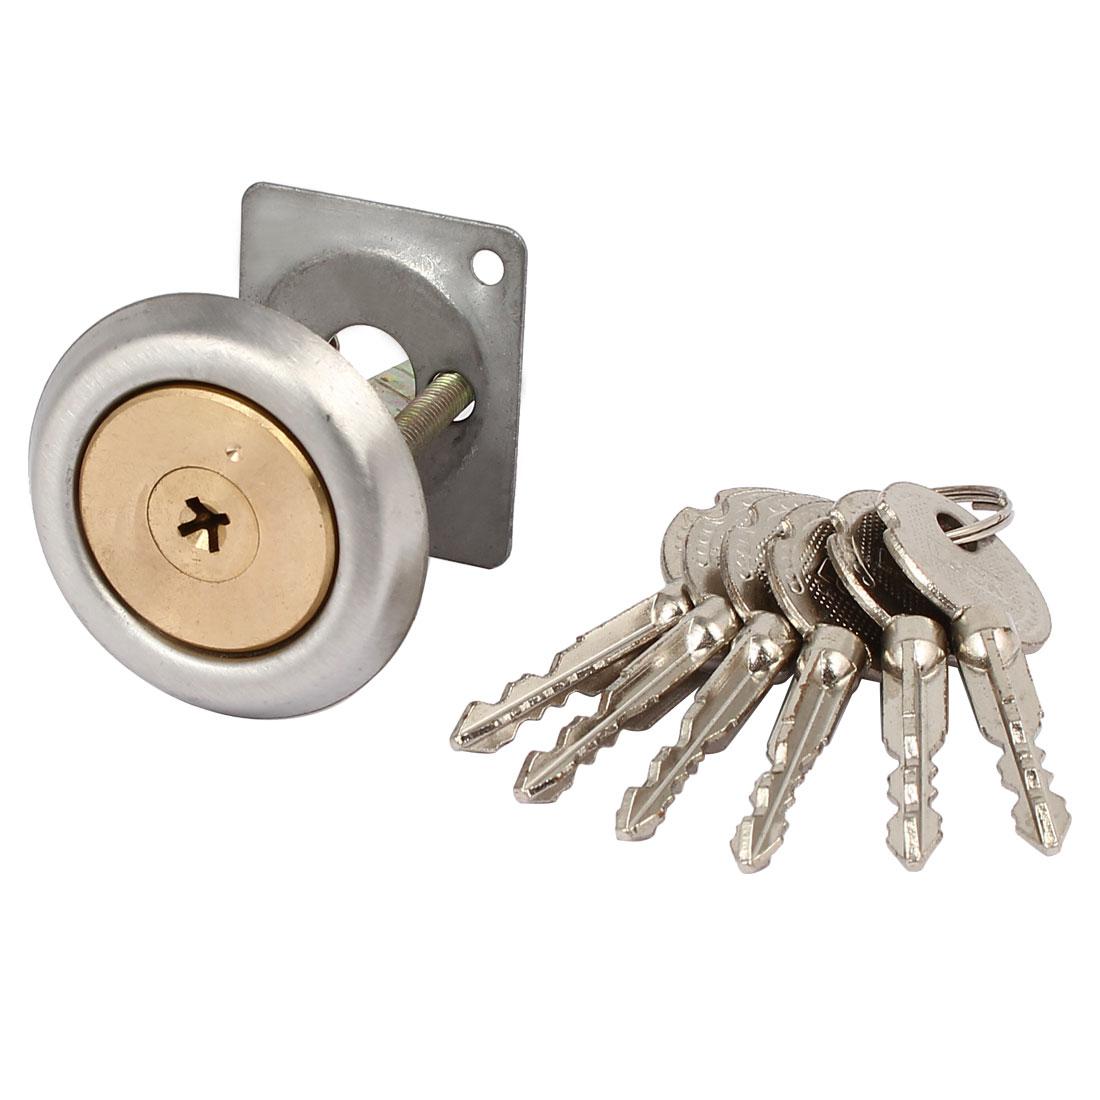 Furniture Closet Door Brass Cylinder Head Plunger Lock w 6 Keys